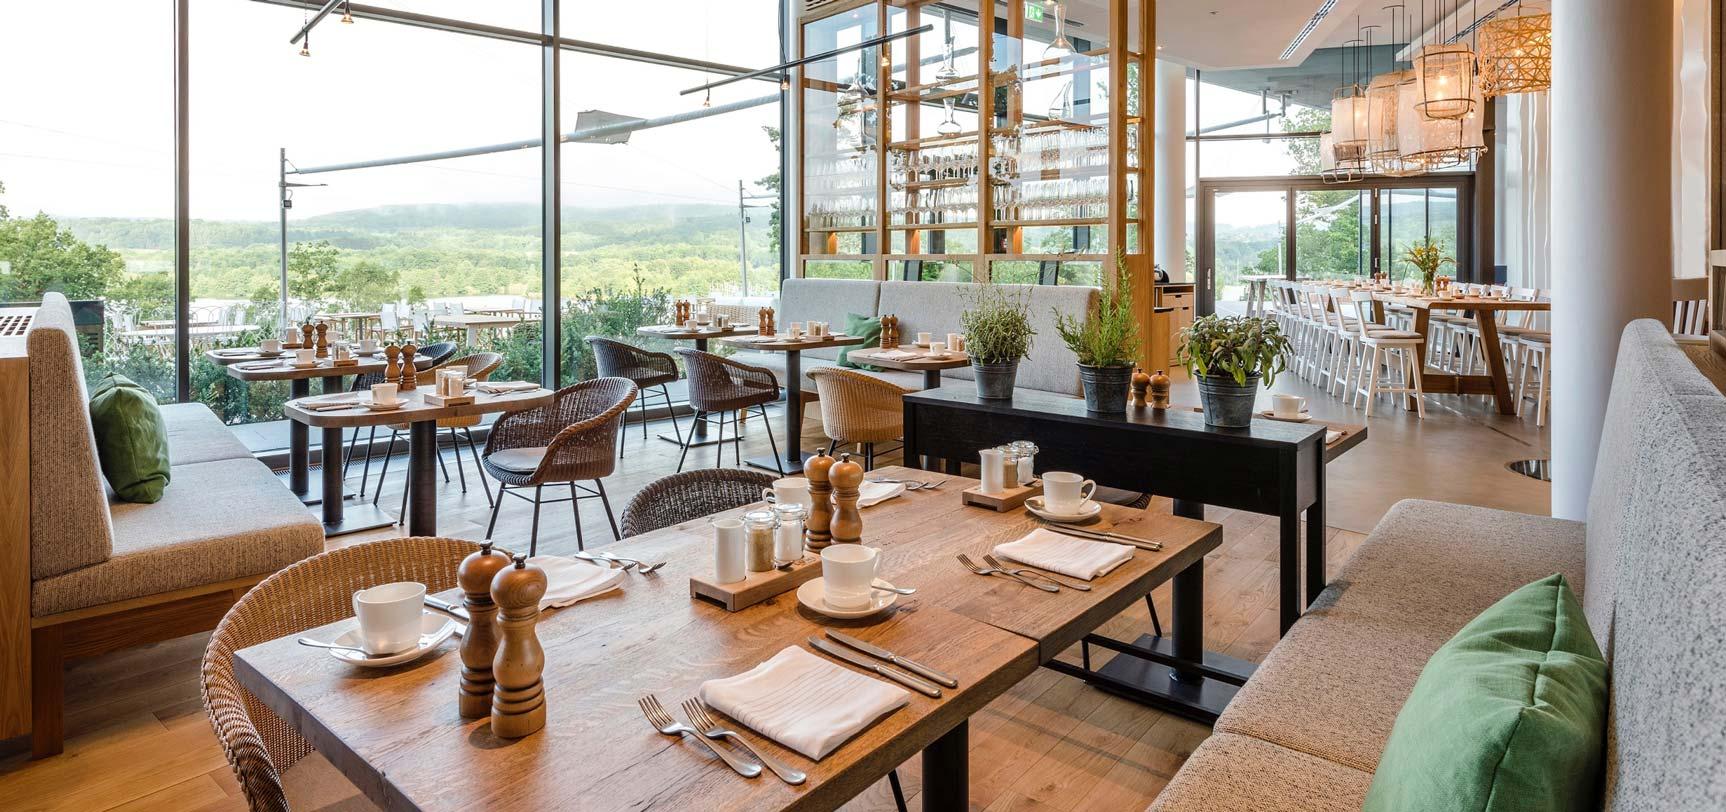 seezeitlodge hotel spa restaurant lumi